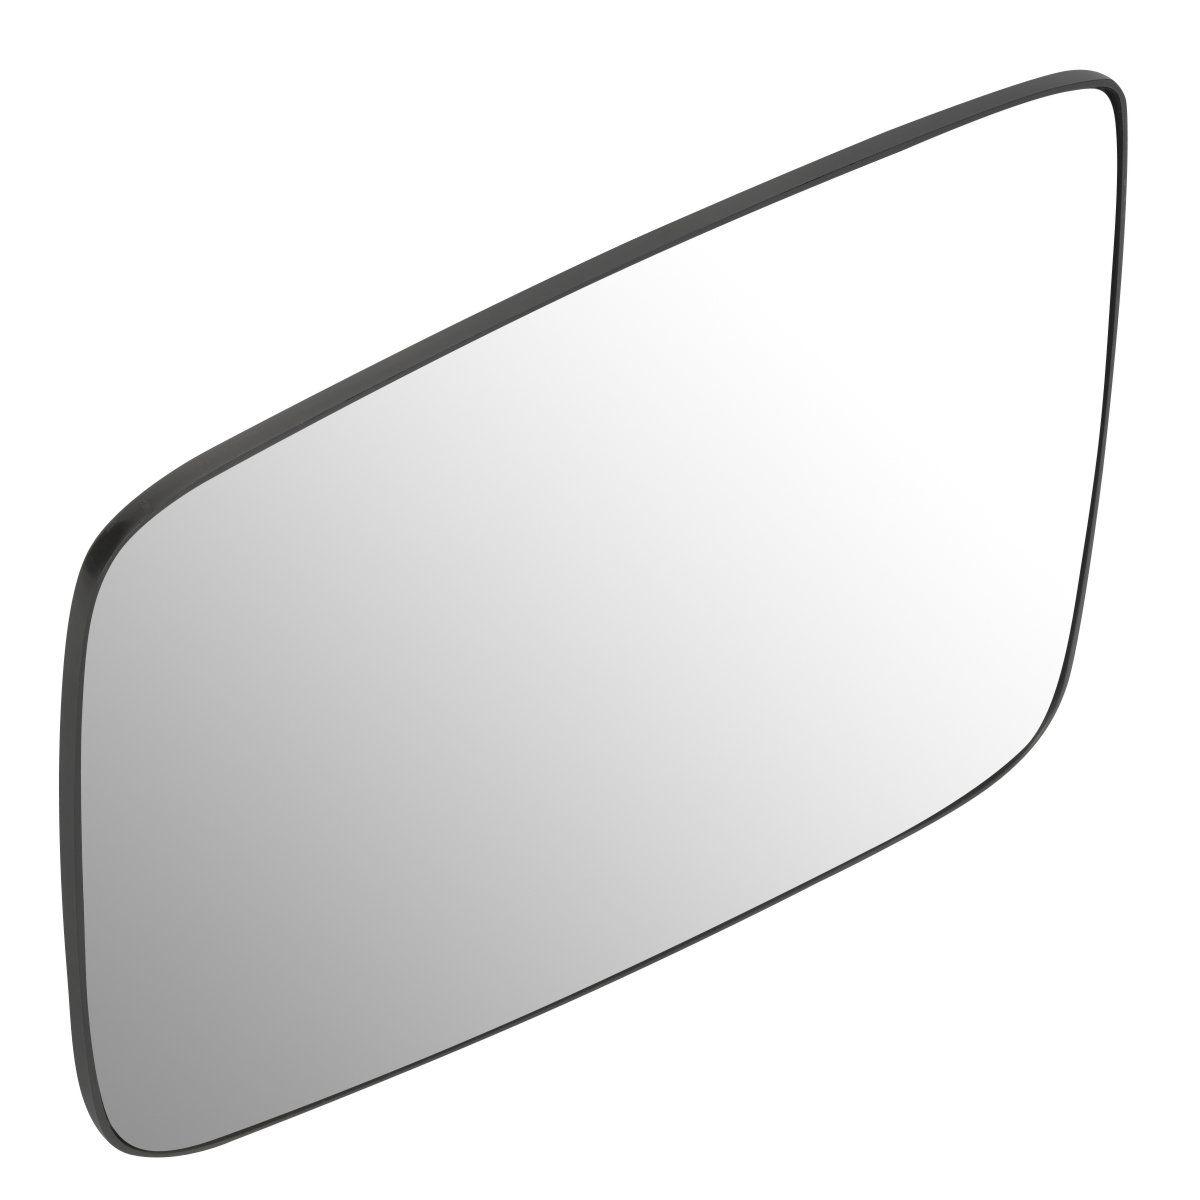 09 19 Ram Truck 1500 2500 Left Driver Side Door Mirror Glass 68050297aa Glass Mirror Mirror Mirror House